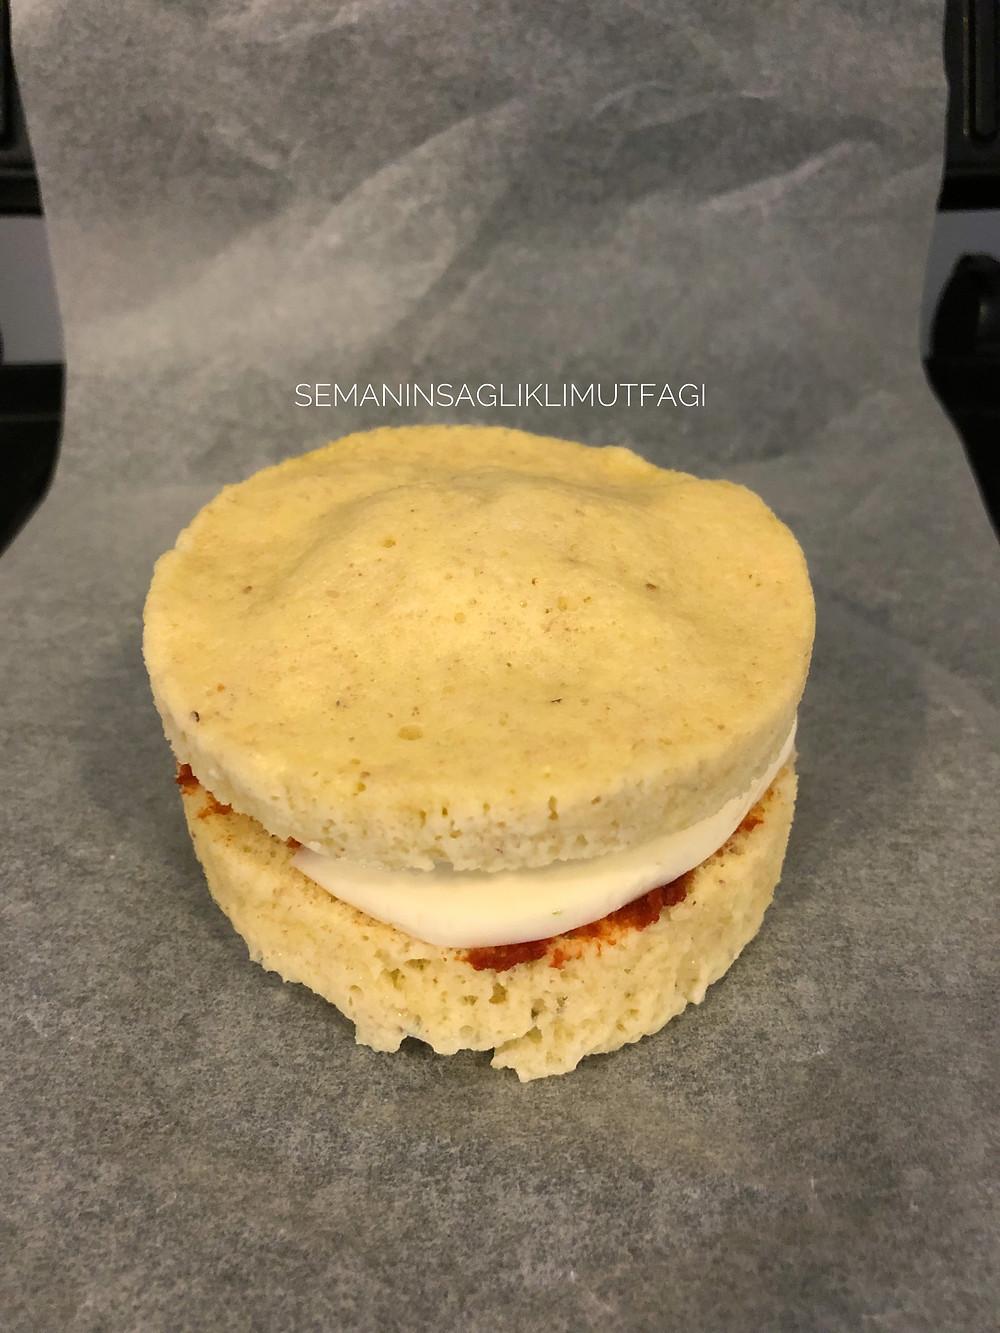 glutensiz tost ekmeği, tost ekmeği, sağlıklı ekmek, badem unu